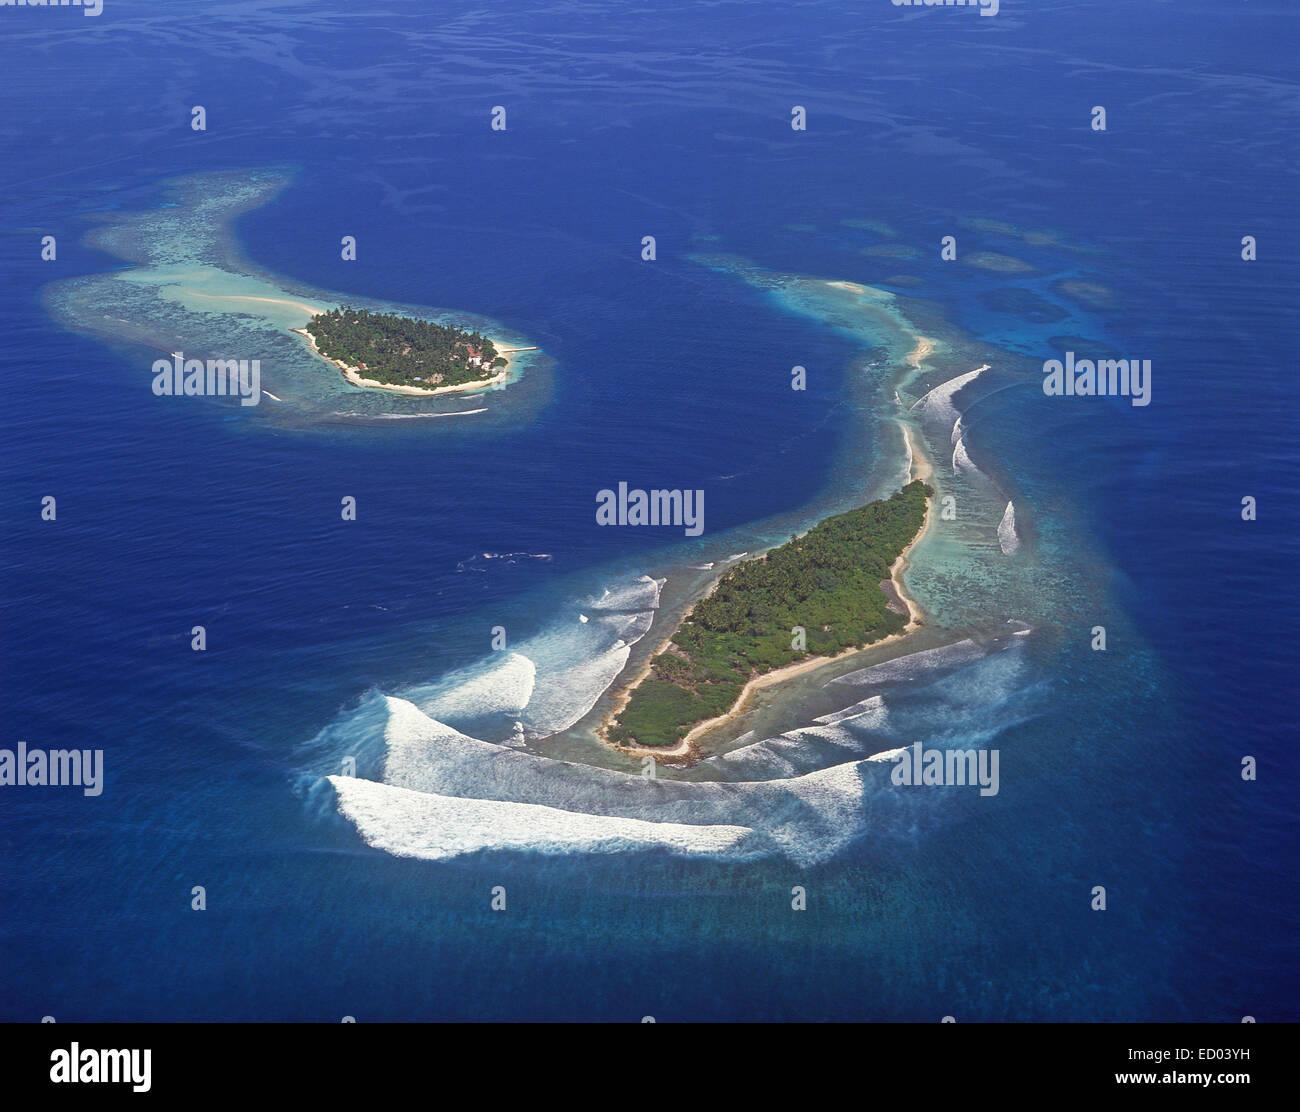 Vista aerea di isole, Kaafu Atoll, Repubblica delle Maldive Immagini Stock